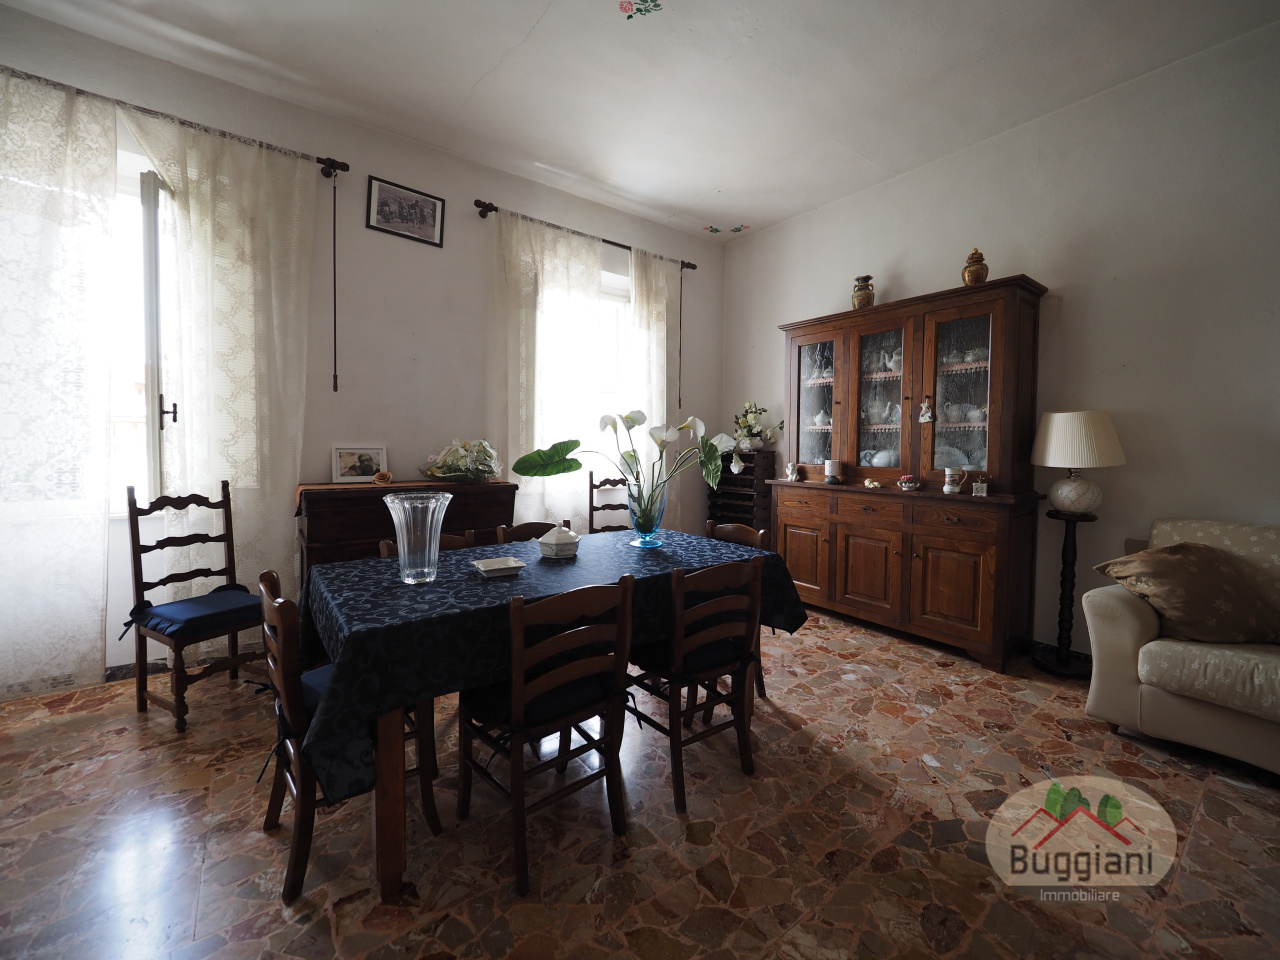 Terratetto in vendita RIF. 1731, San Miniato (PI)